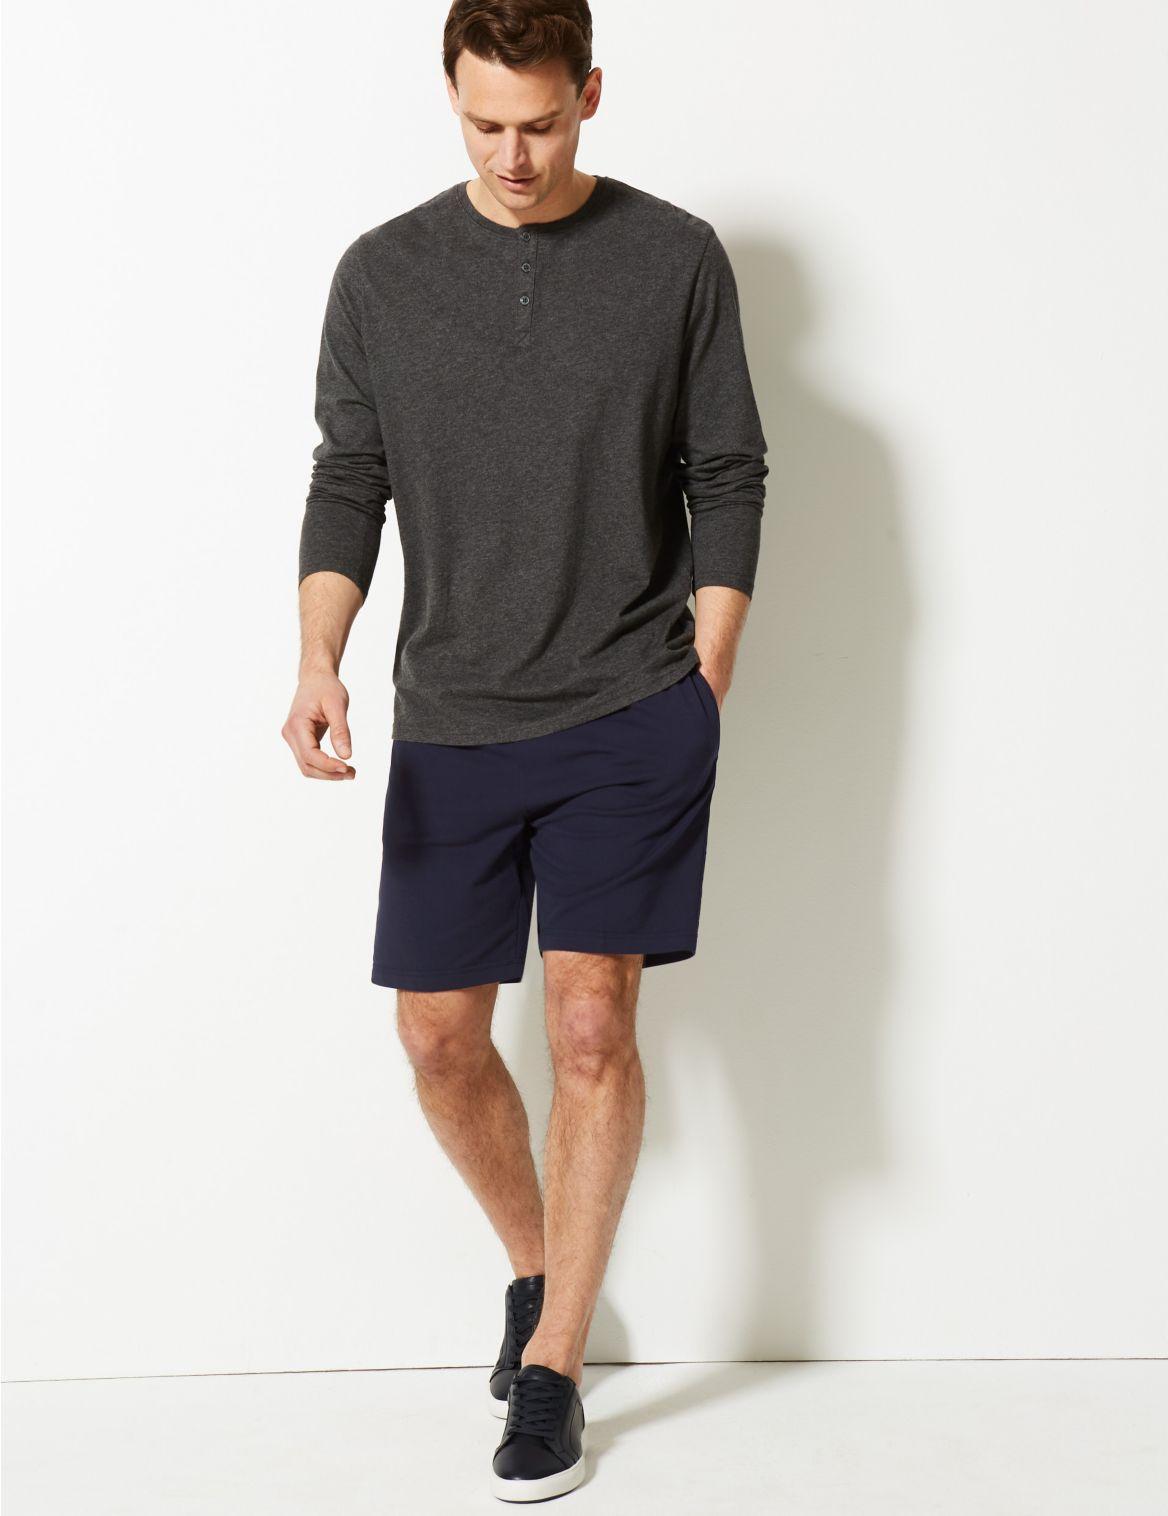 Short en coton style sweat. StyleForme du produit:Short de sport;Coupe standard;Taille ??lastique;Tissu extensible